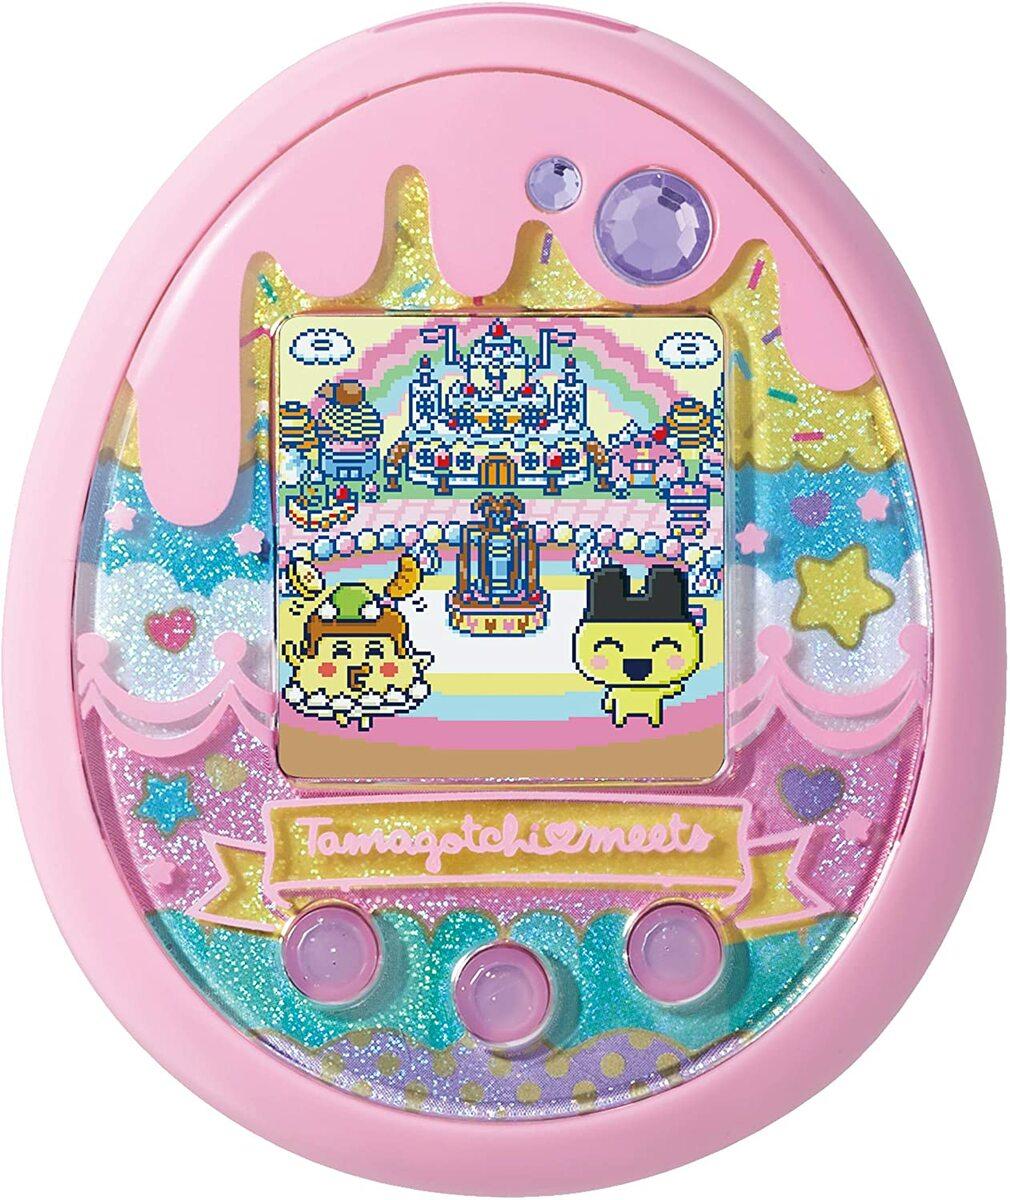 送料無料 Tamagotchi アウトレット 上品 meets たまごっちみーつ ver.ピンク スイーツみーつ